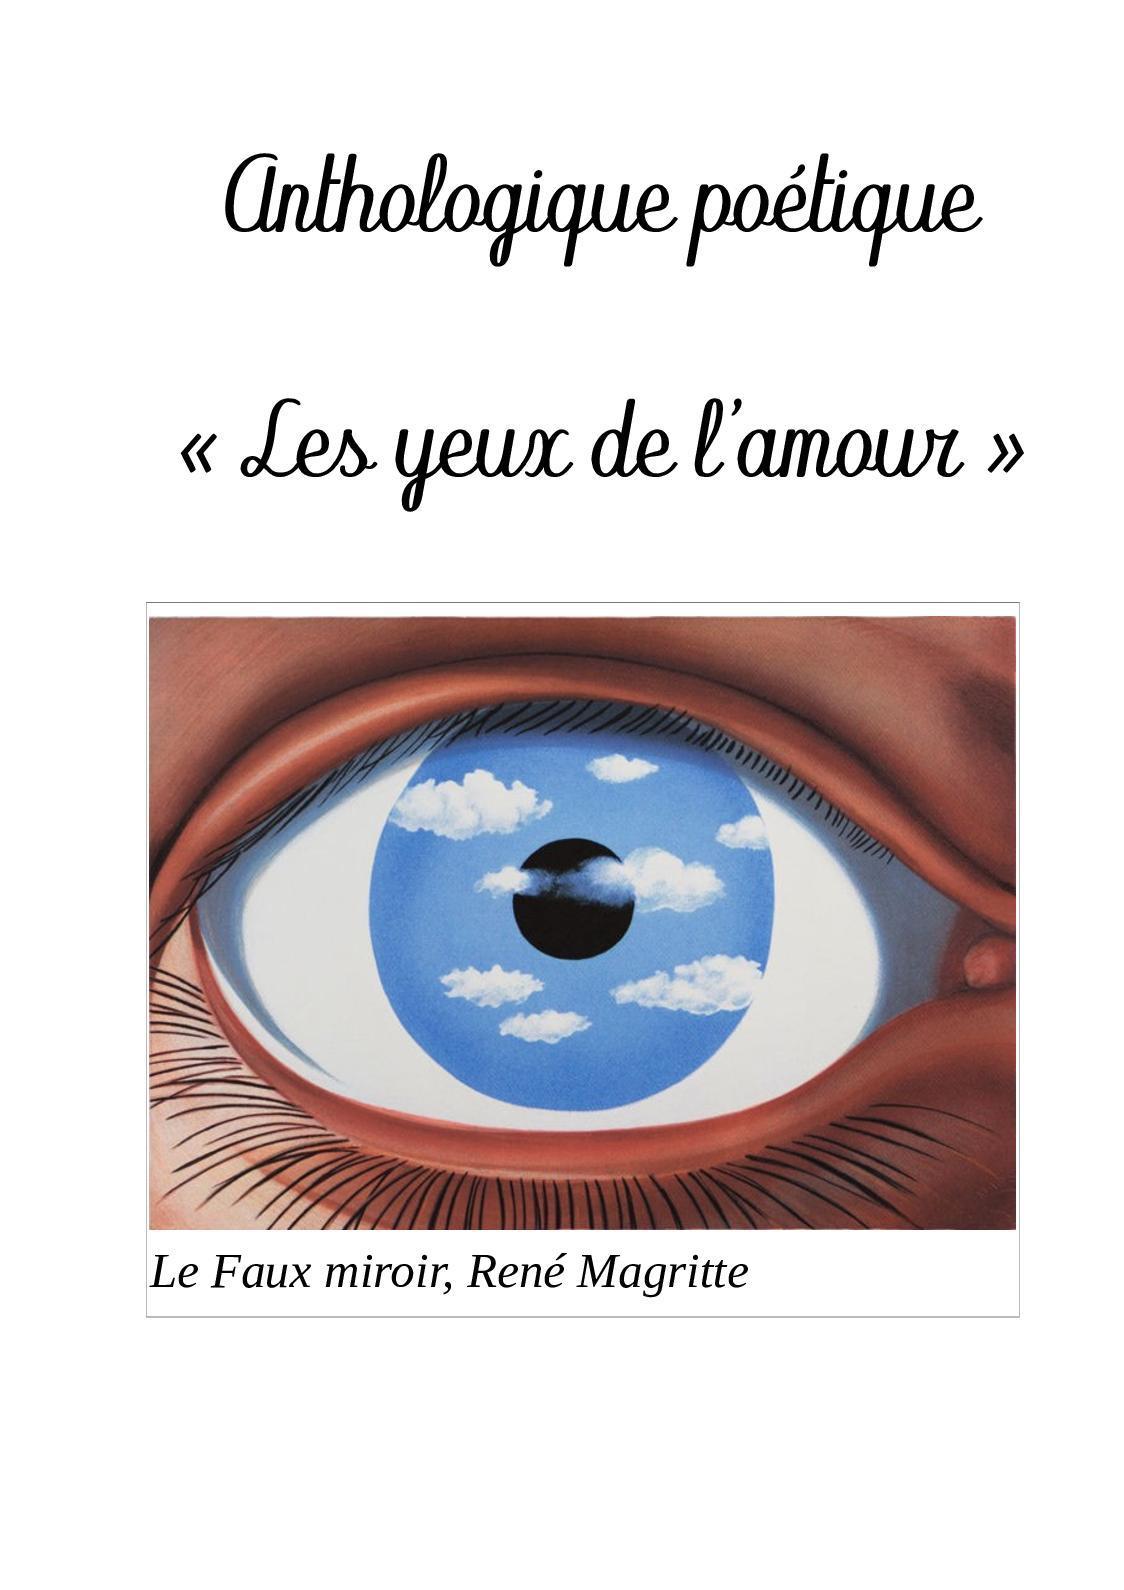 Les Yeux De L Amour : amour, Calaméo, Anthologie, L'amour